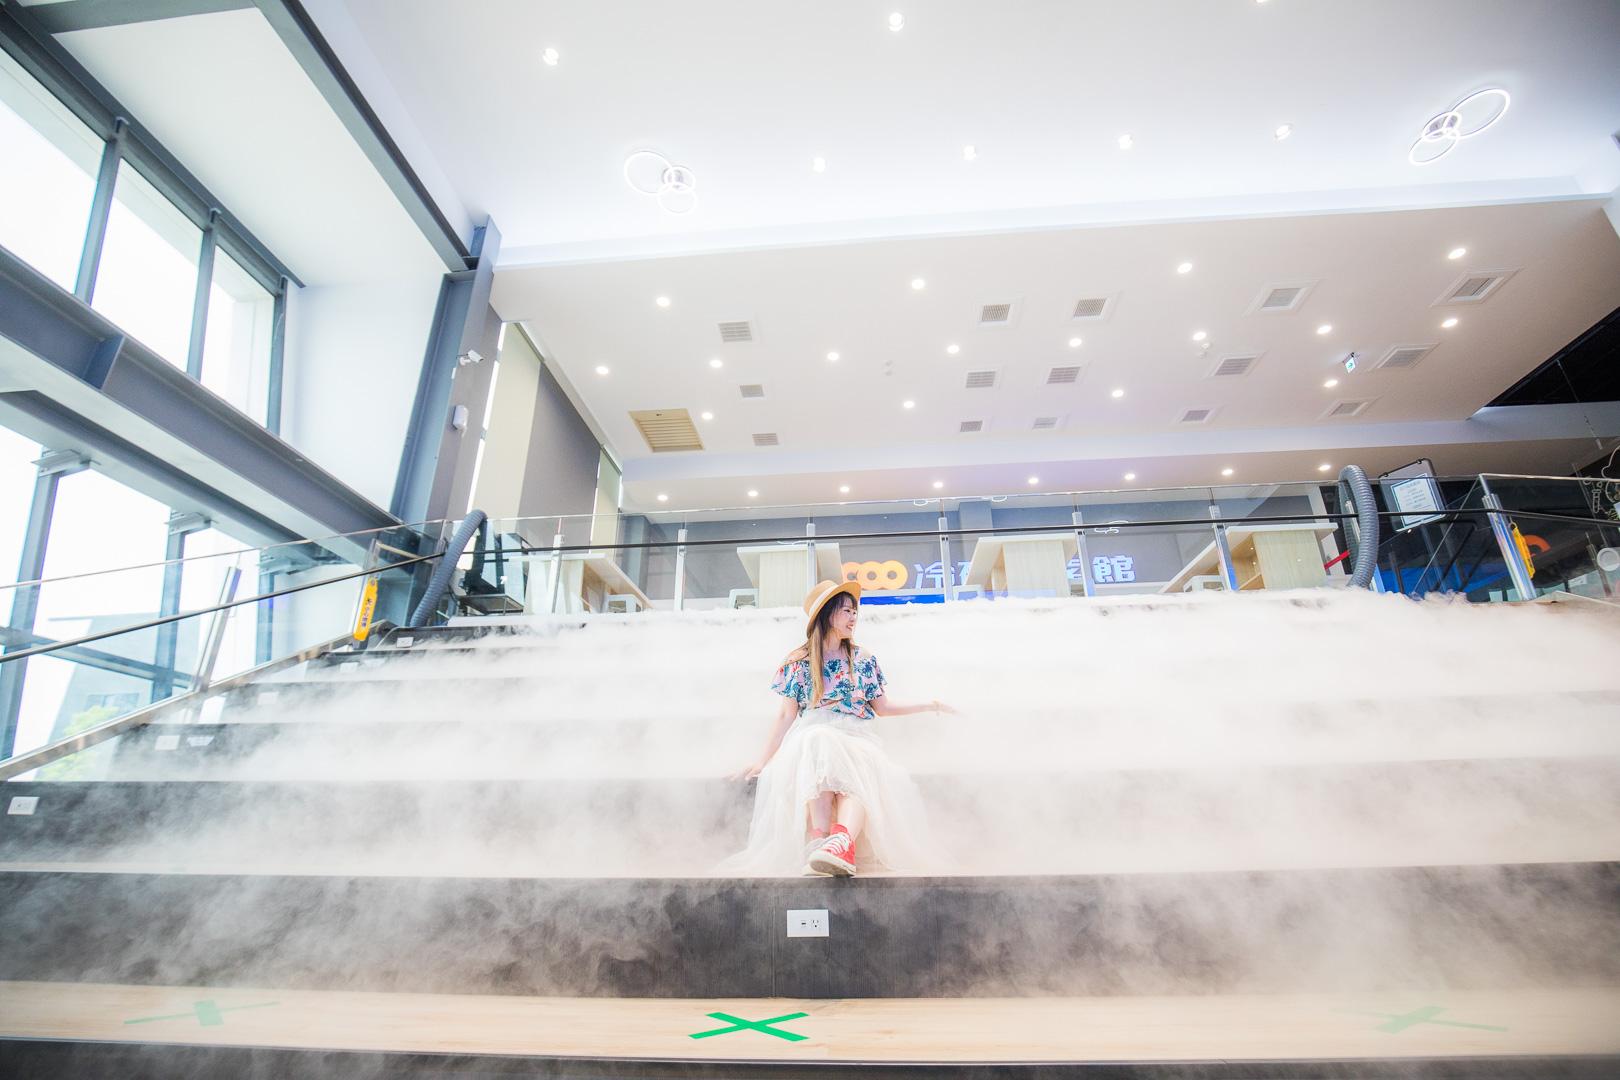 嘉義景點 》冷研碳索館,全台唯一氣體觀光工廠,IG網美必拍乾冰瀑布